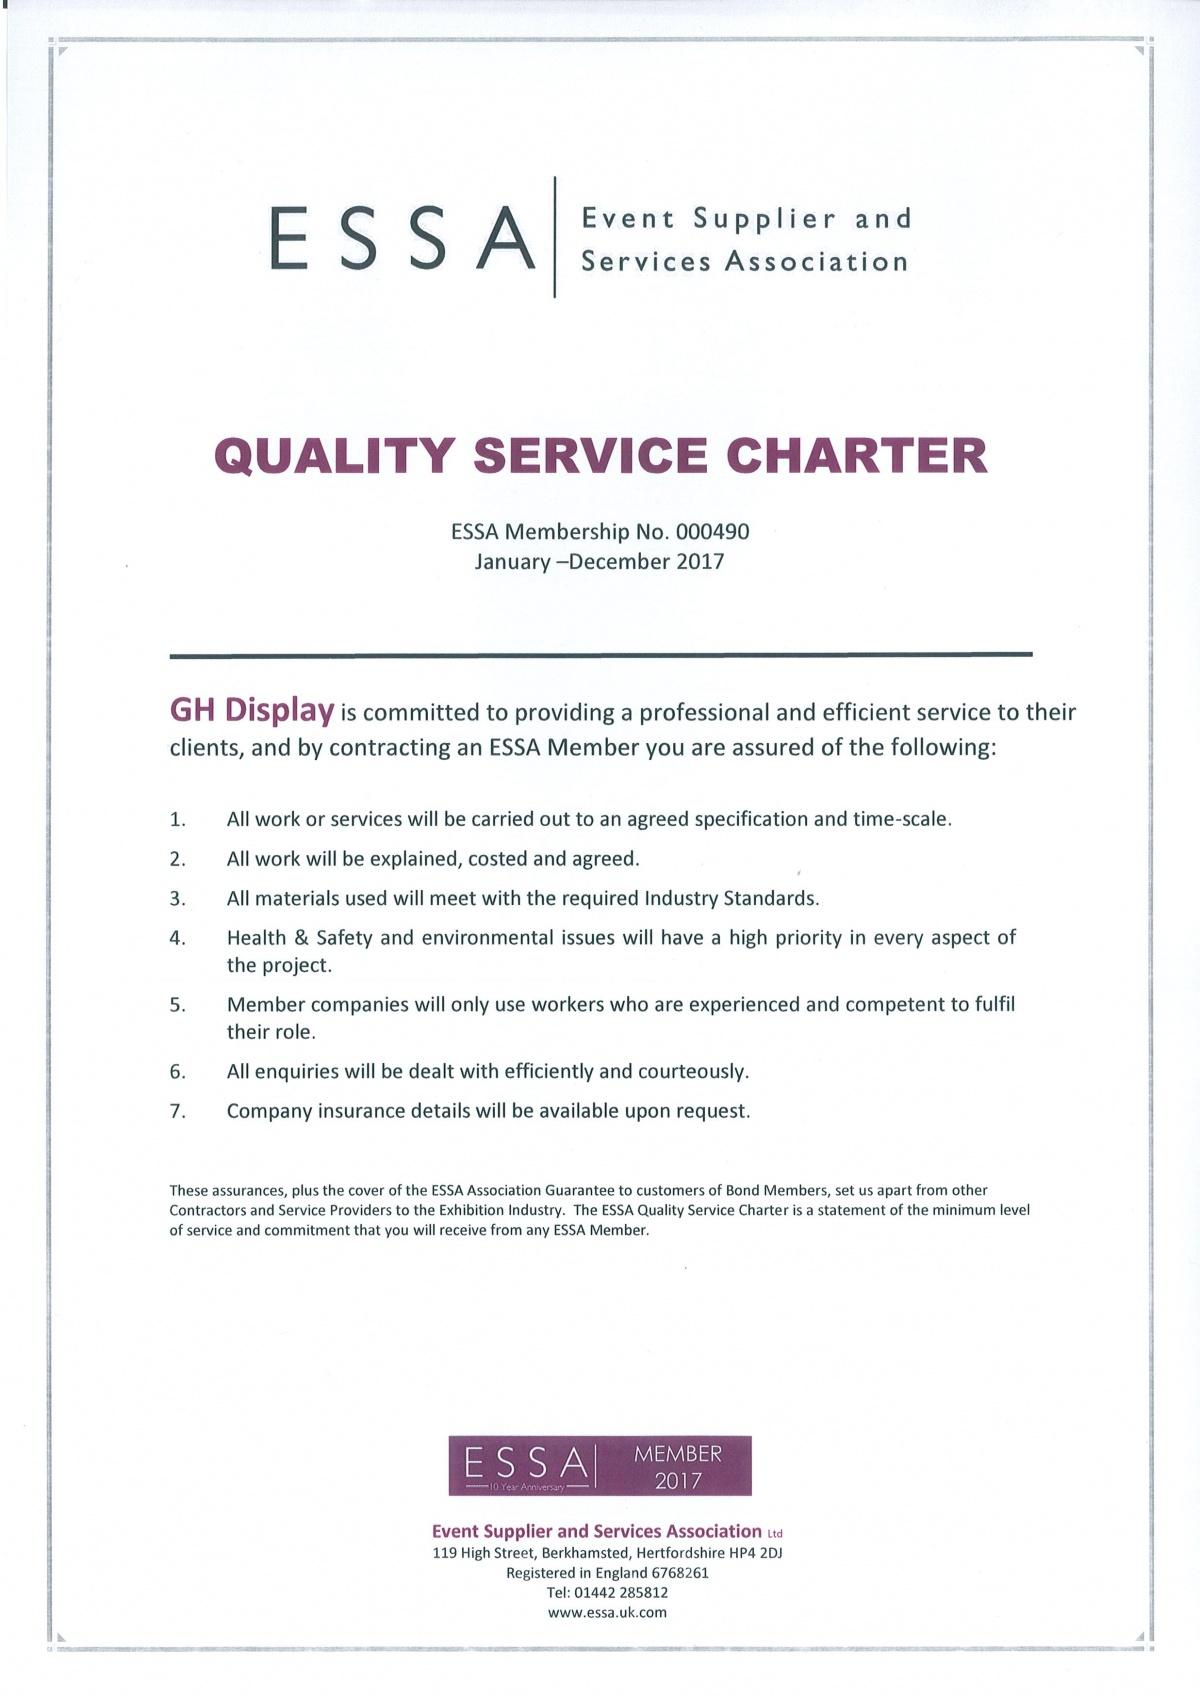 ESSA quality service charter